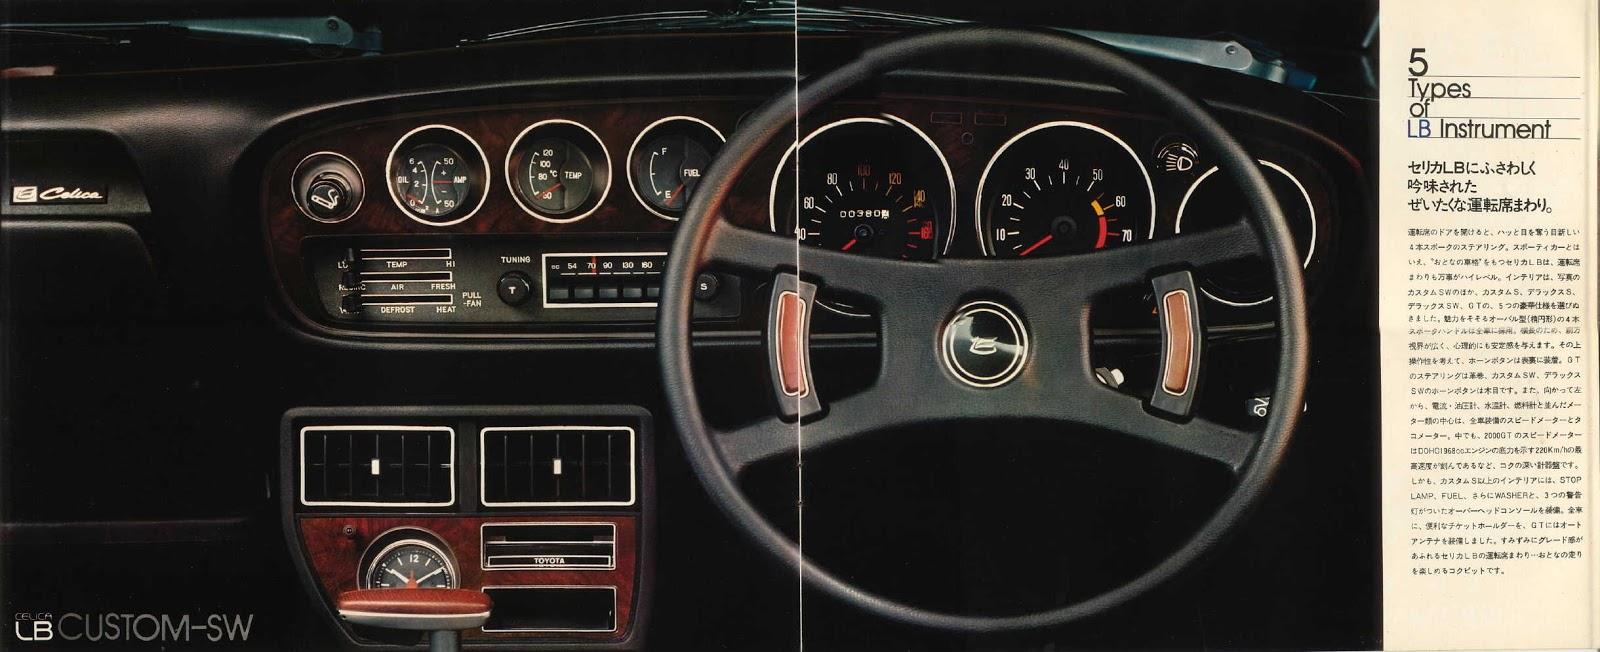 Toyota Celica, pierwsza generacja, kultowy sportowy samochód, stare auto, oldschool, japońska fura, galeria, wnętrze, interior, środek